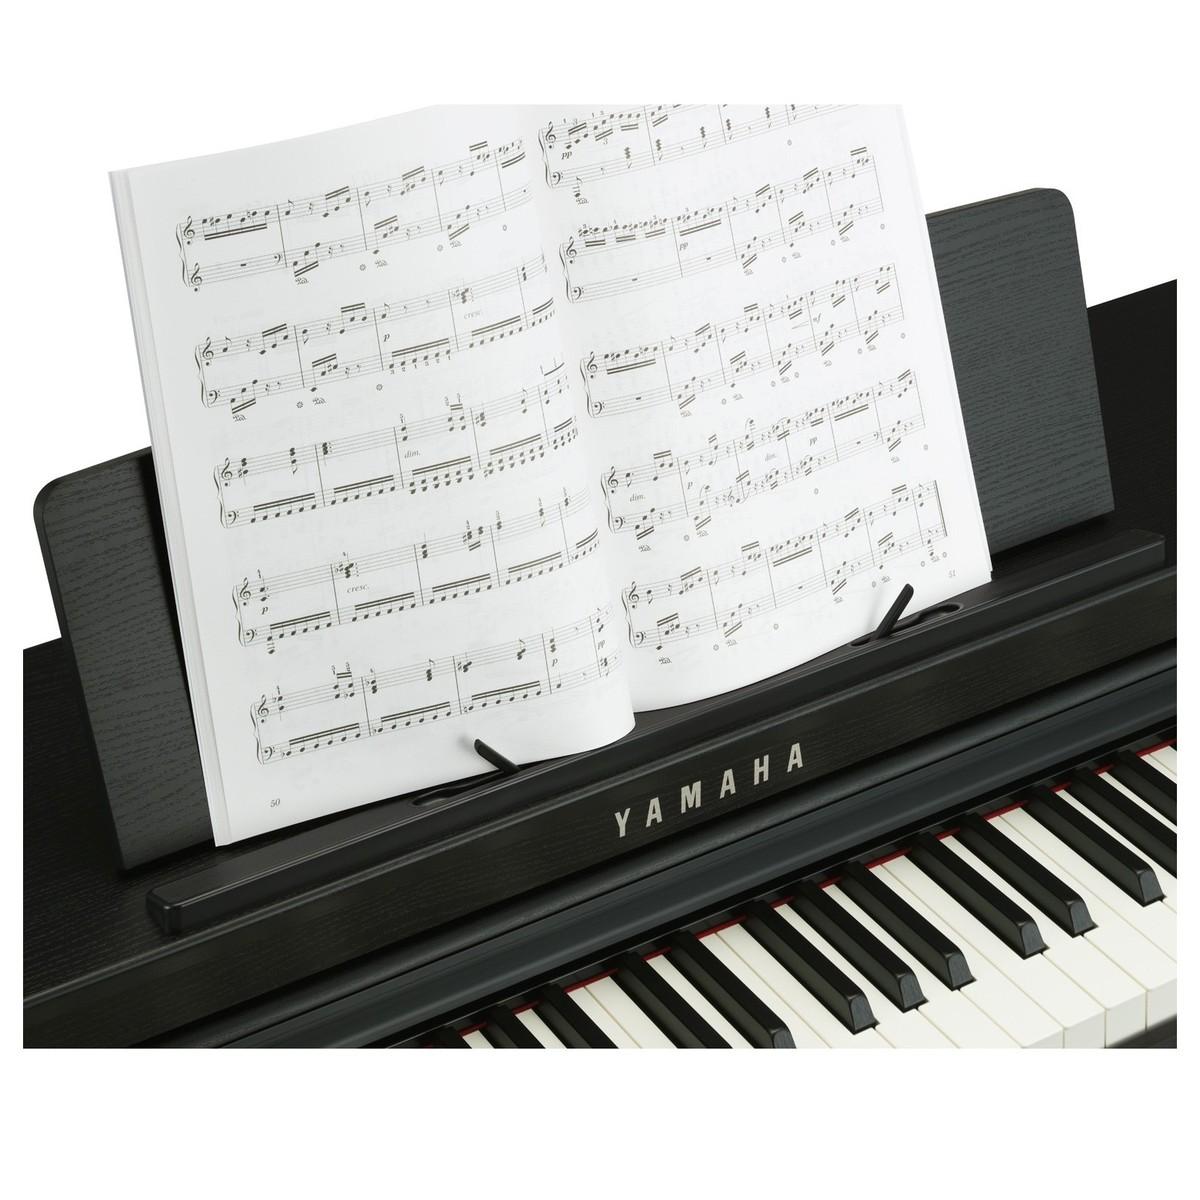 yamaha clp625 piano num rique noir satin. Black Bedroom Furniture Sets. Home Design Ideas